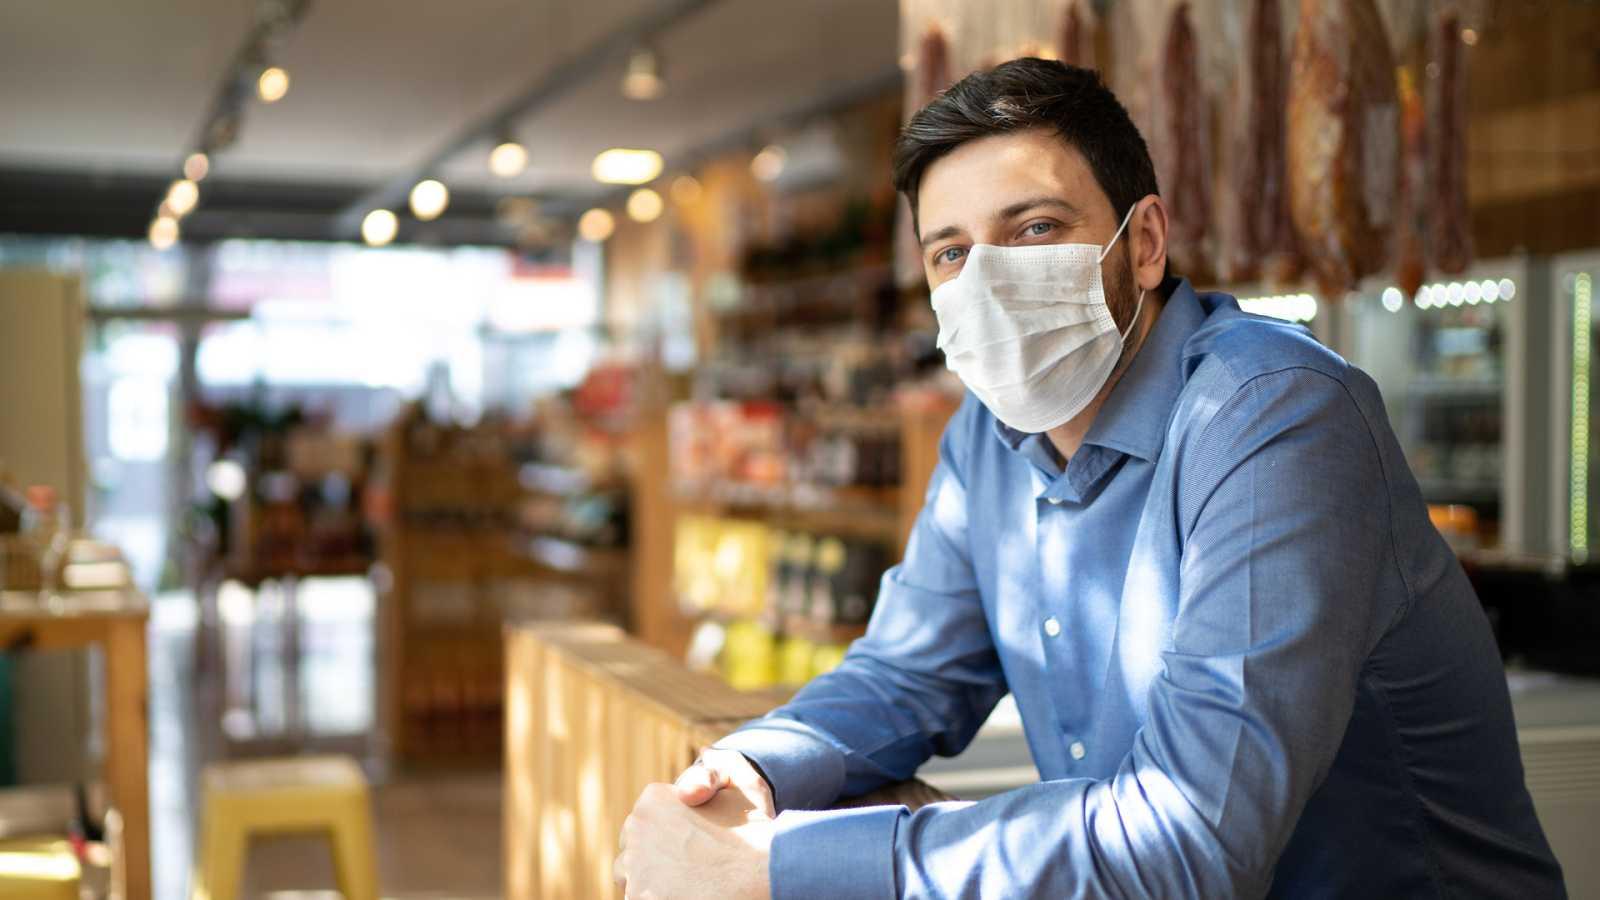 Más cerca - 700.000 empleos se han perdido en 2020 por la pandemia - Escuchar ahora